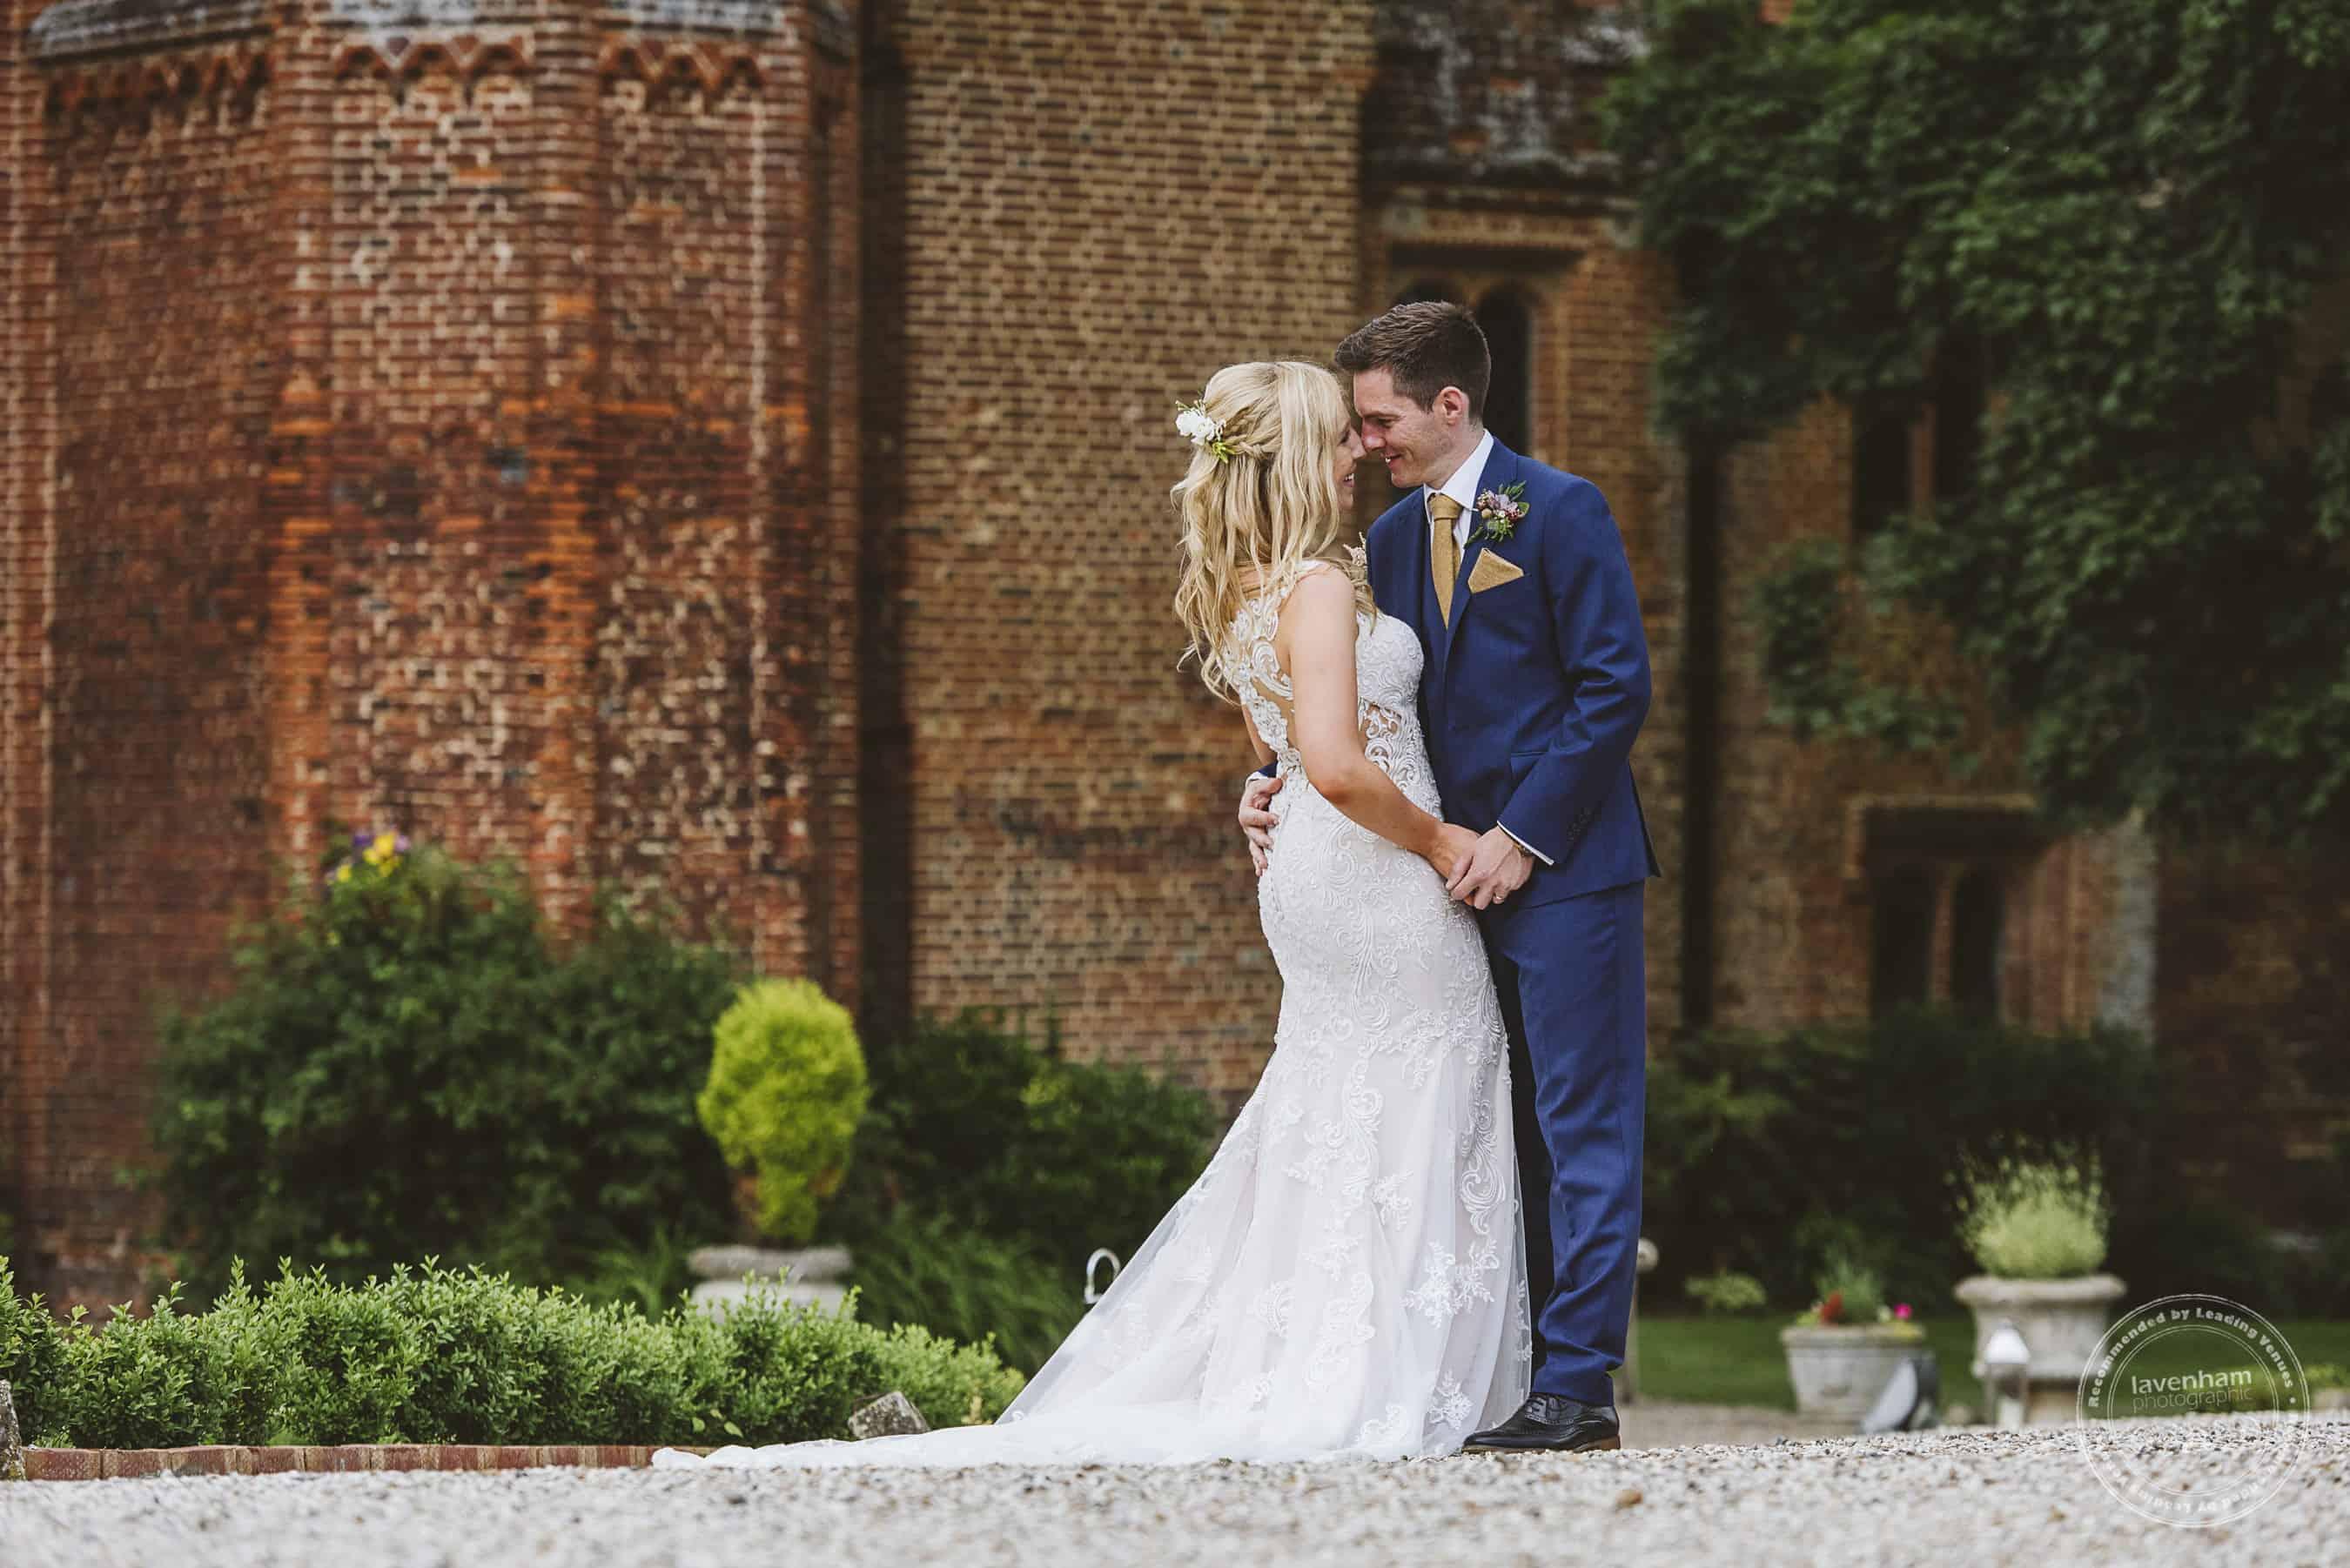 020618 Leez Priory Wedding Photography Lavenham Photographic 126